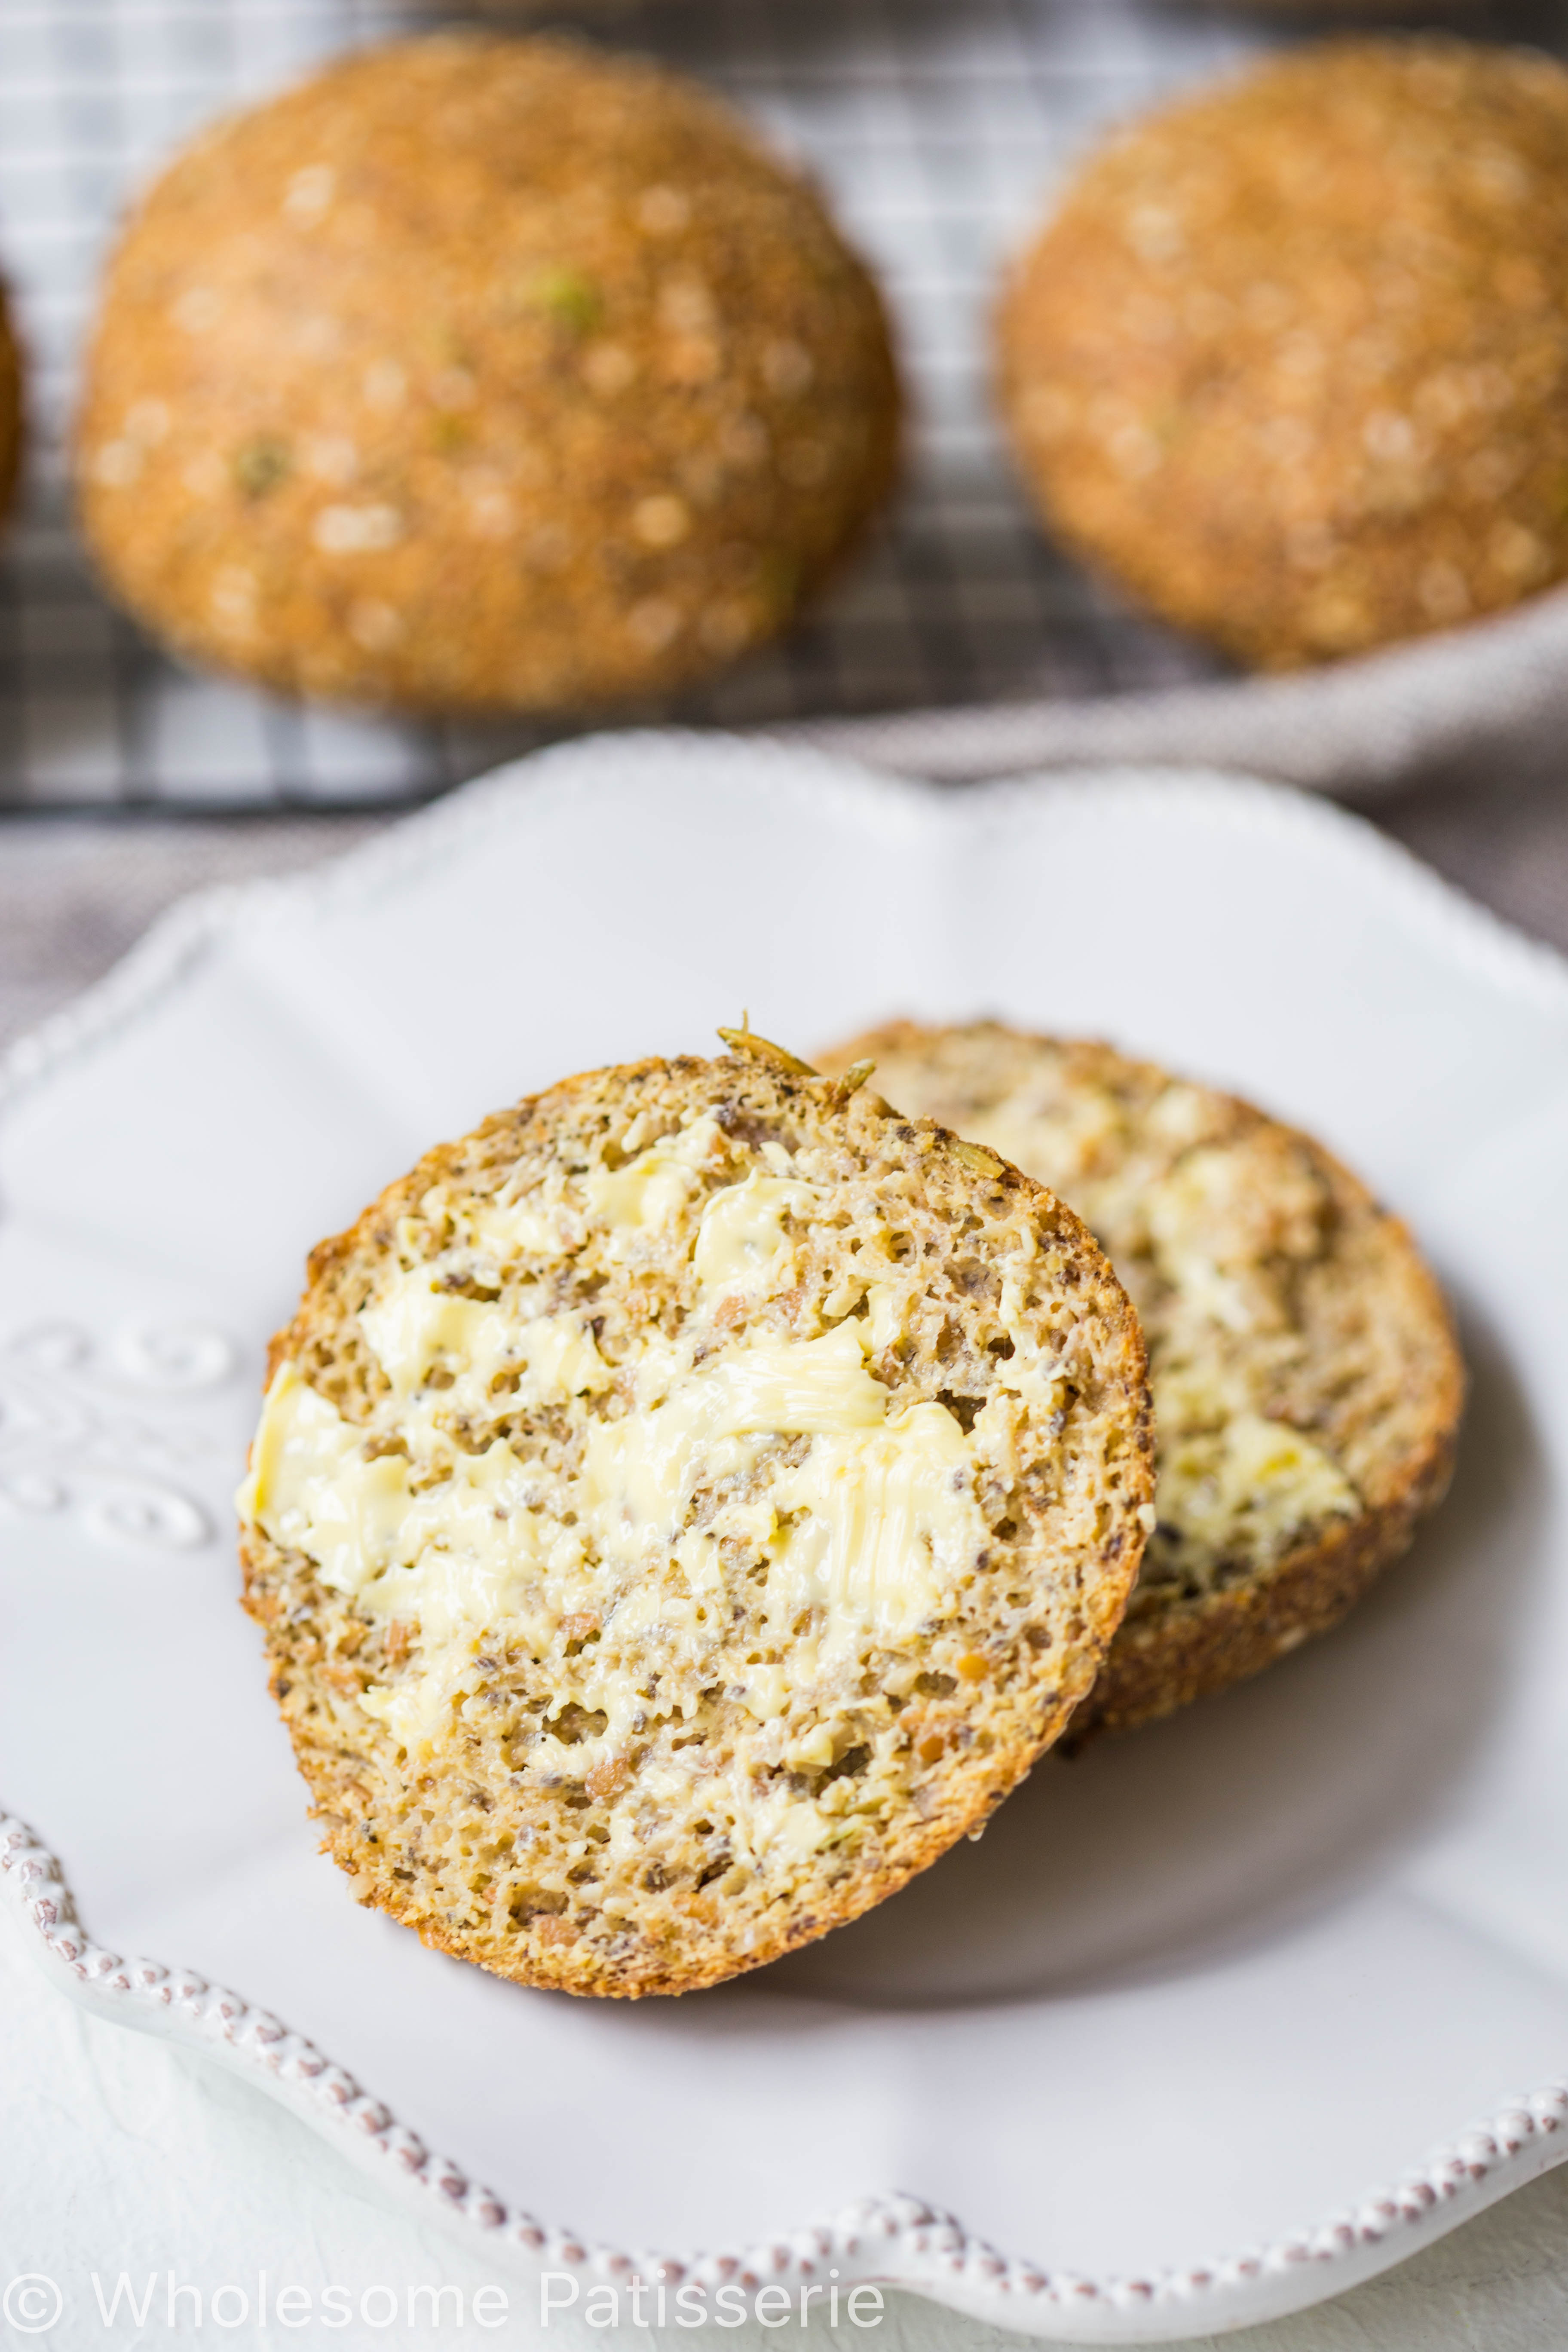 gluten-free-bread-rolls-nut-free-bread-rolls-pale-pete-recipes-paleo-way